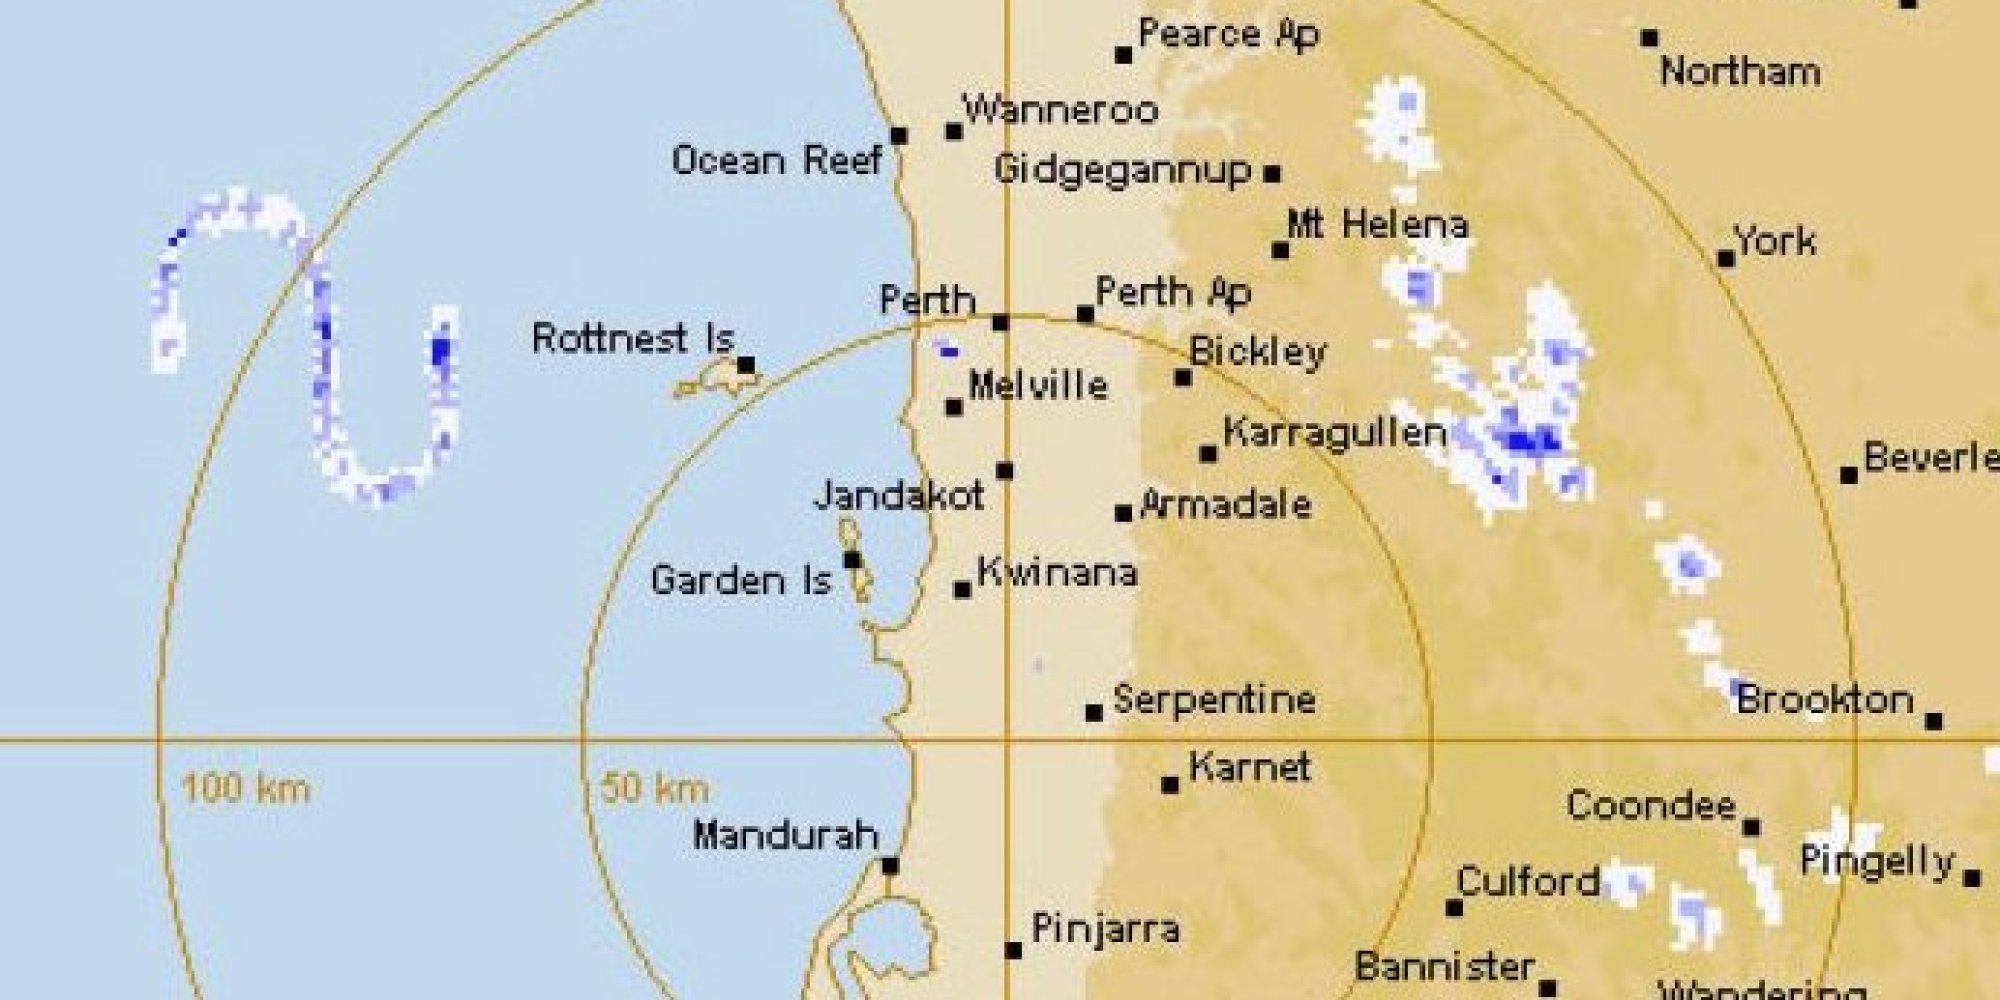 Radar captures massive 39 s shaped snake 39 monster off coast for Bureau meteorology